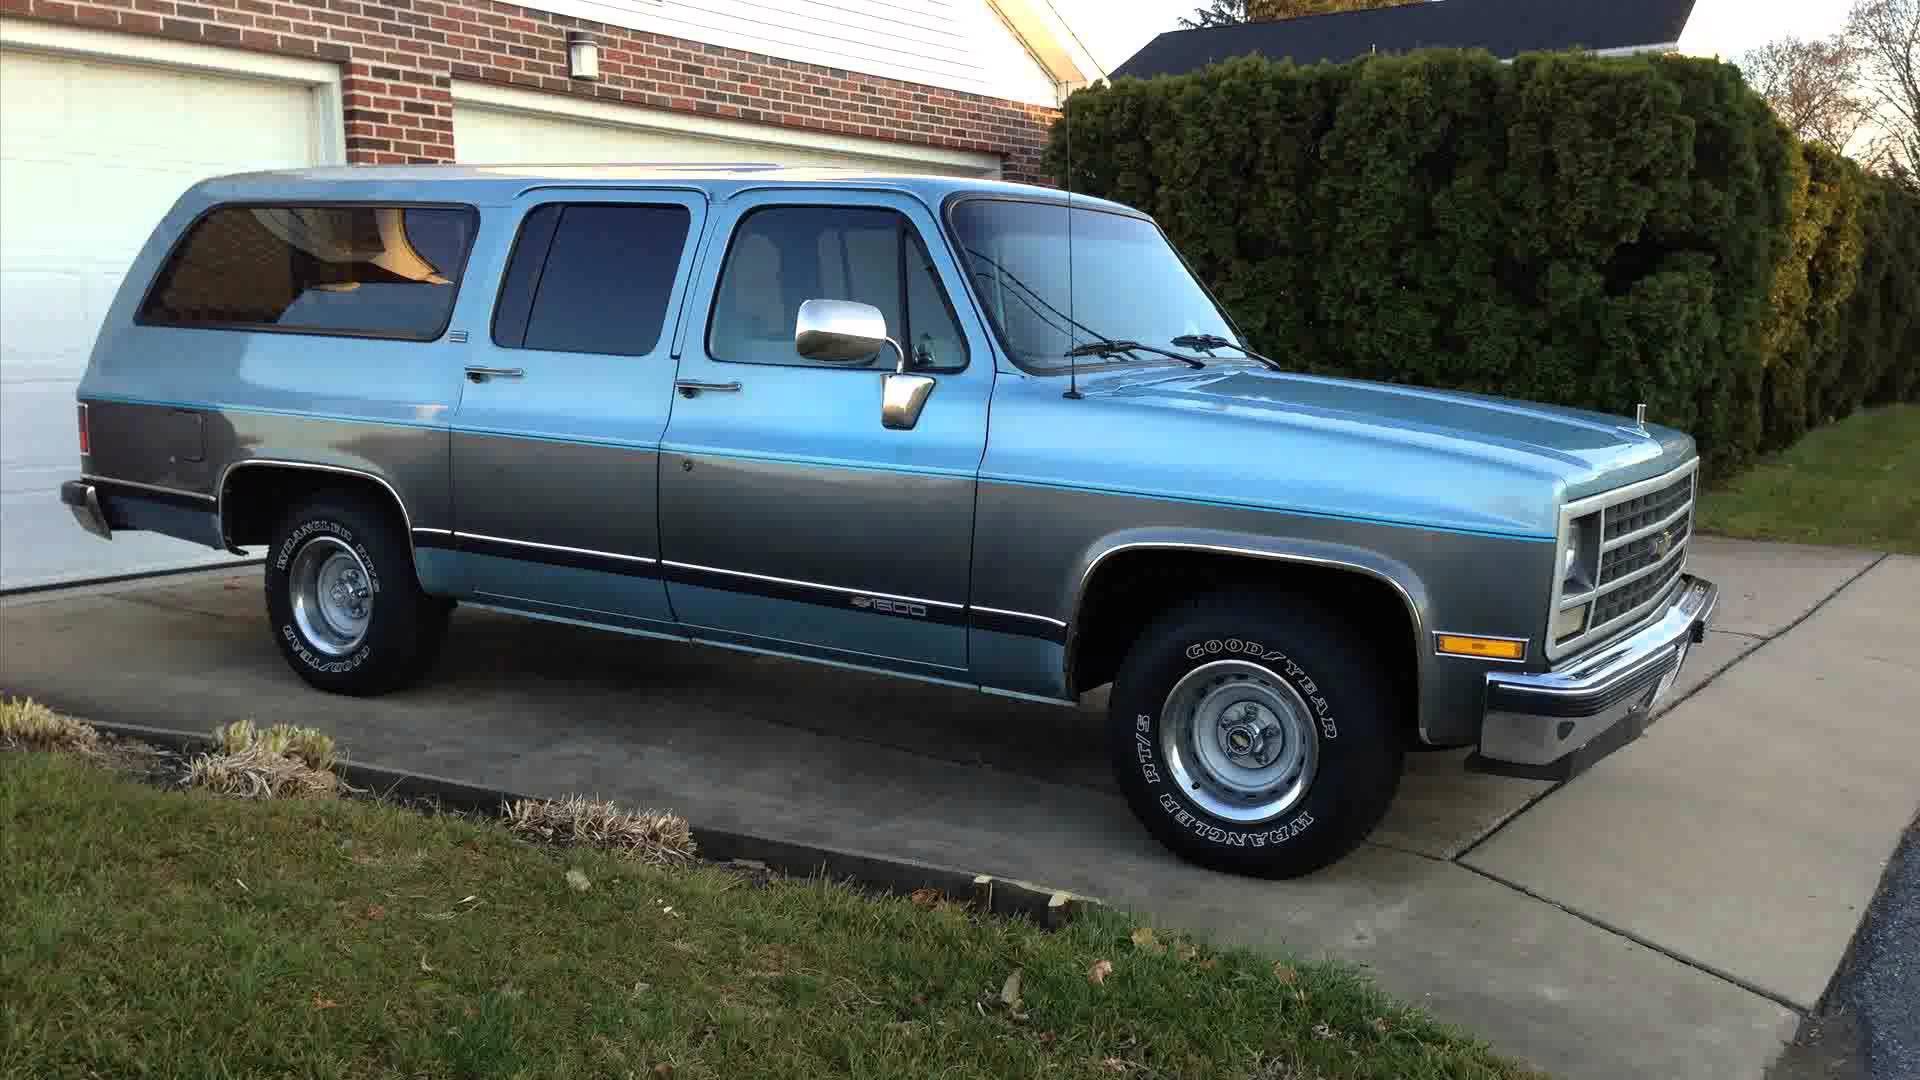 2002 Chevy Silverado For Sale Craigslist Chevy Silverado For Sale 2002 Chevy Silverado Chevy Silverado